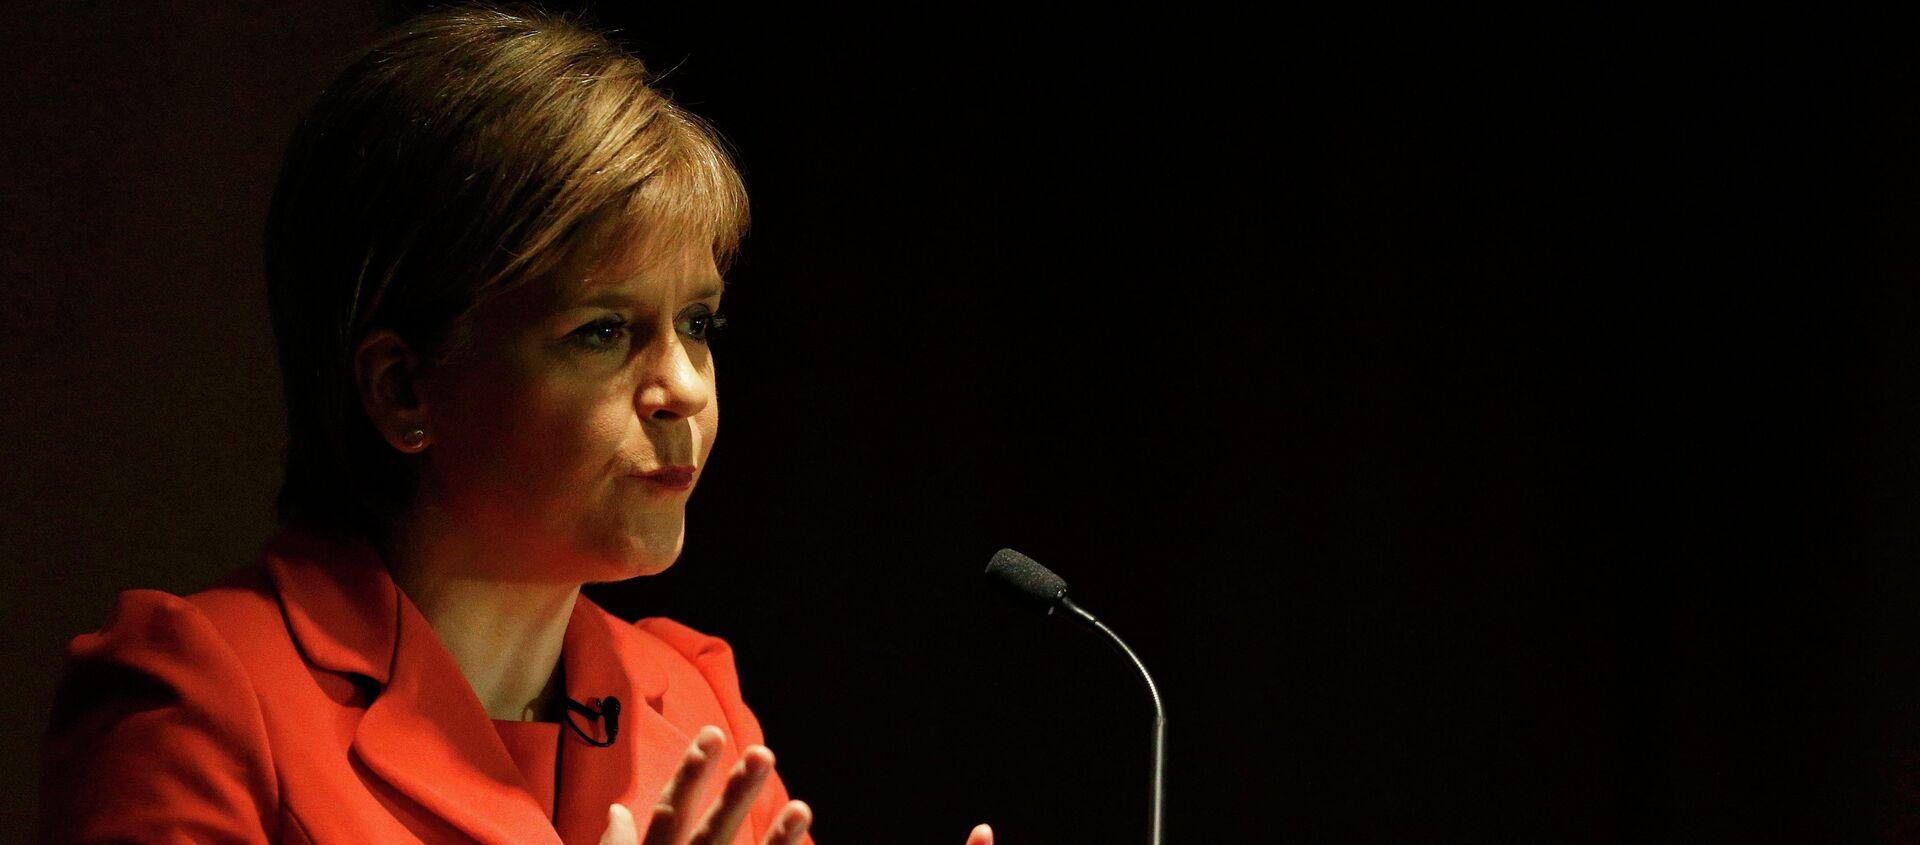 Nicola Sturgeon, ministra principal del Gobierno de Escocia - Sputnik Mundo, 1920, 01.01.2021